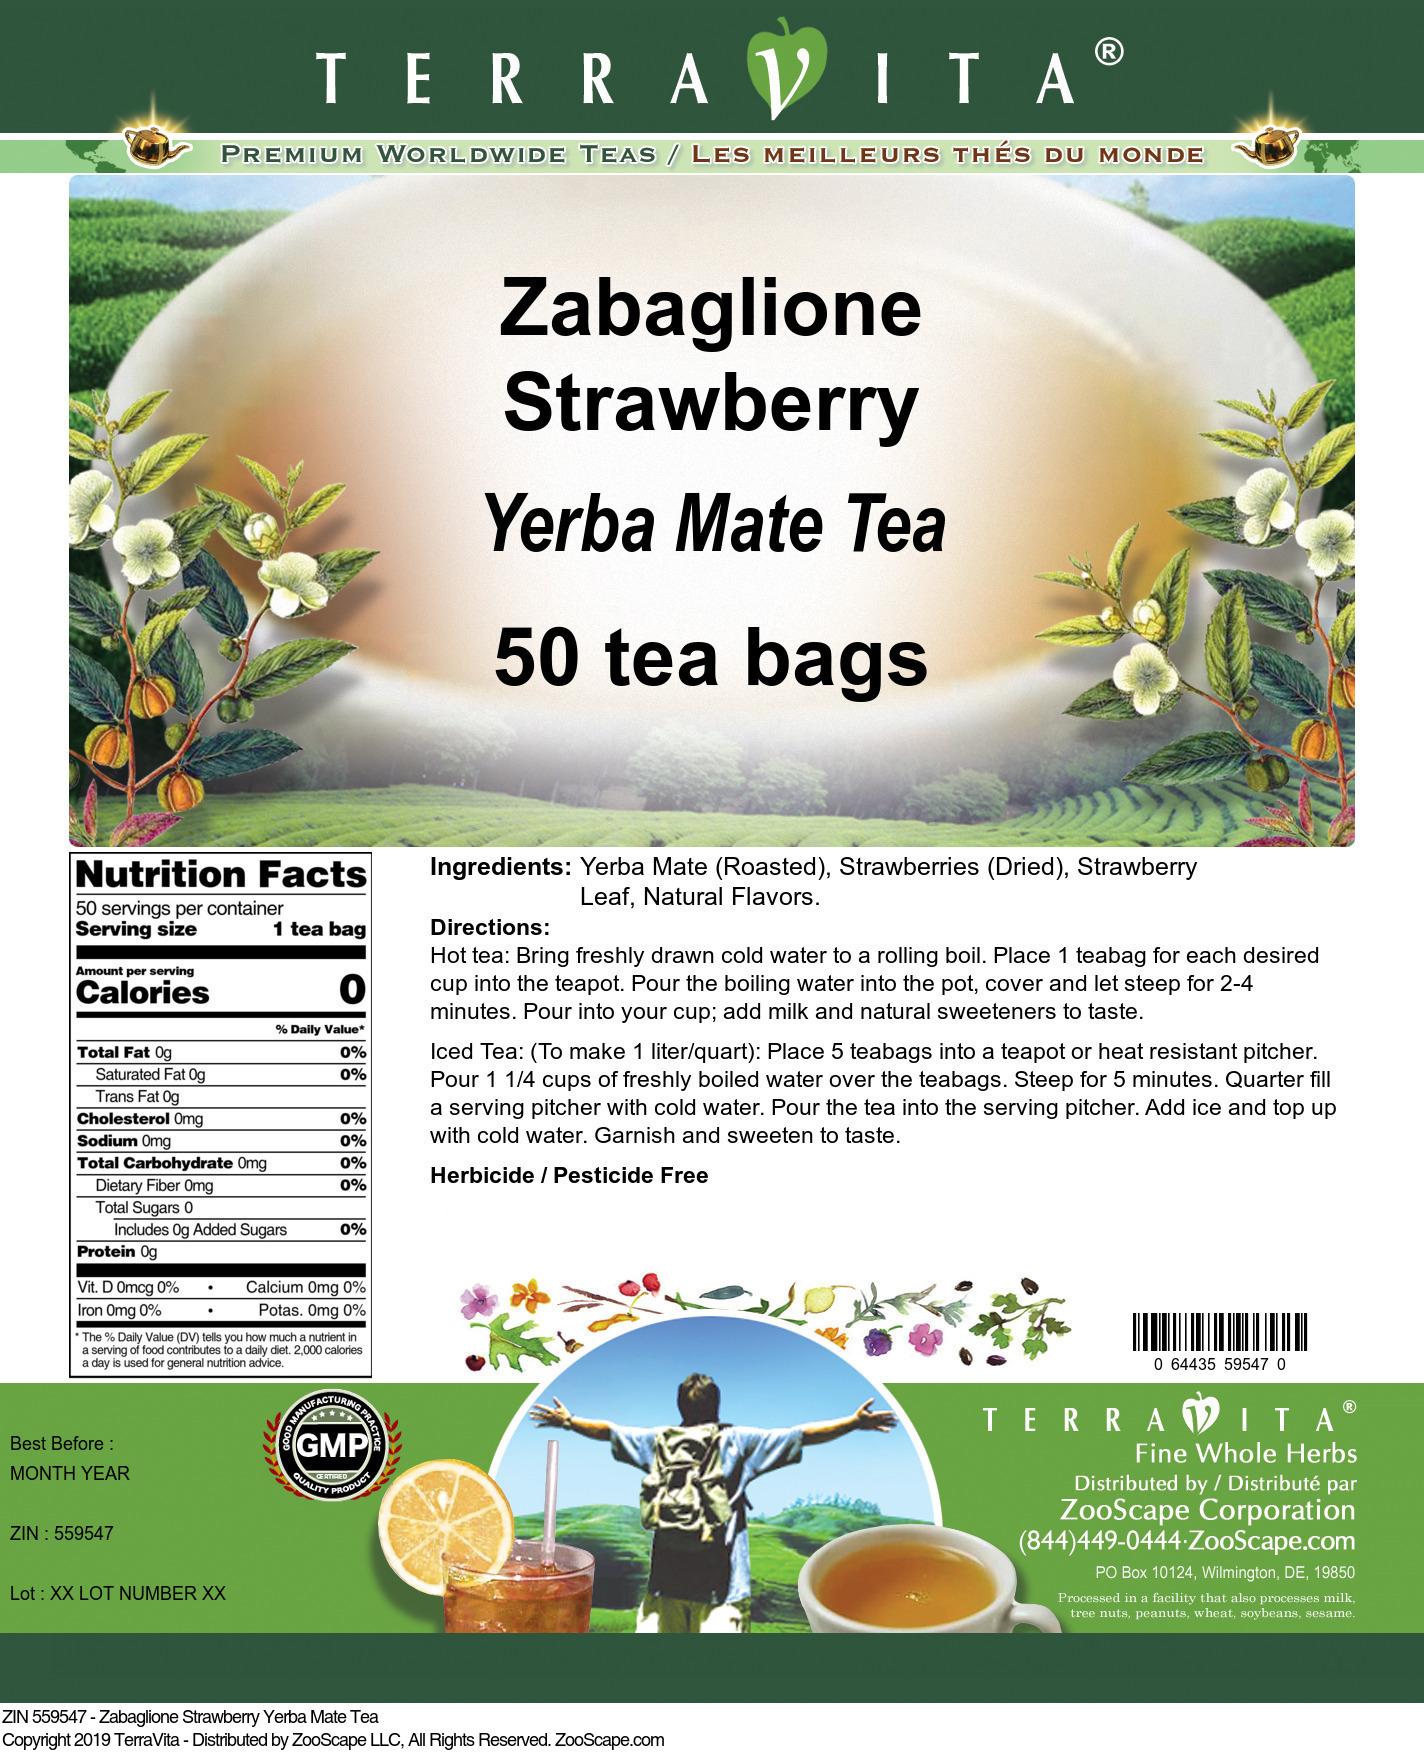 Zabaglione Strawberry Yerba Mate Tea